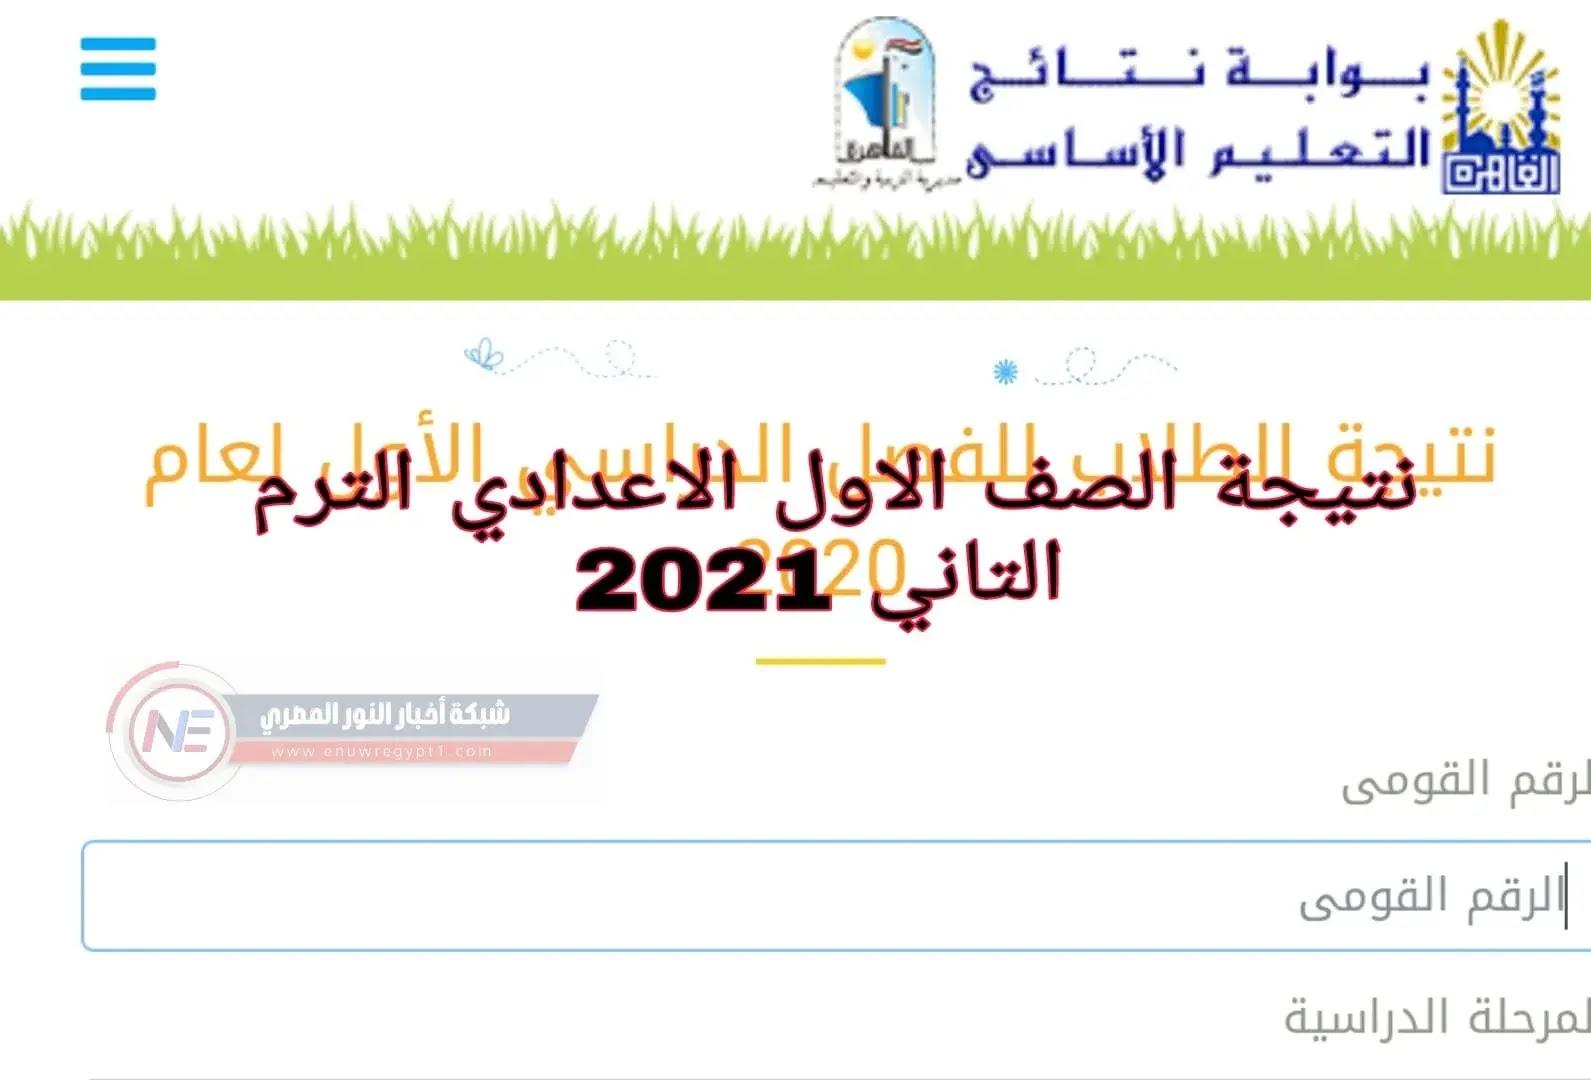 استعلم الان..  نتيجة الصف الاول الاعدادي الفصل الدراسي الثاني 2021 برقم الجلوس في جميع محافظات مصر من خلال موقع وزارة التربية والتعليم